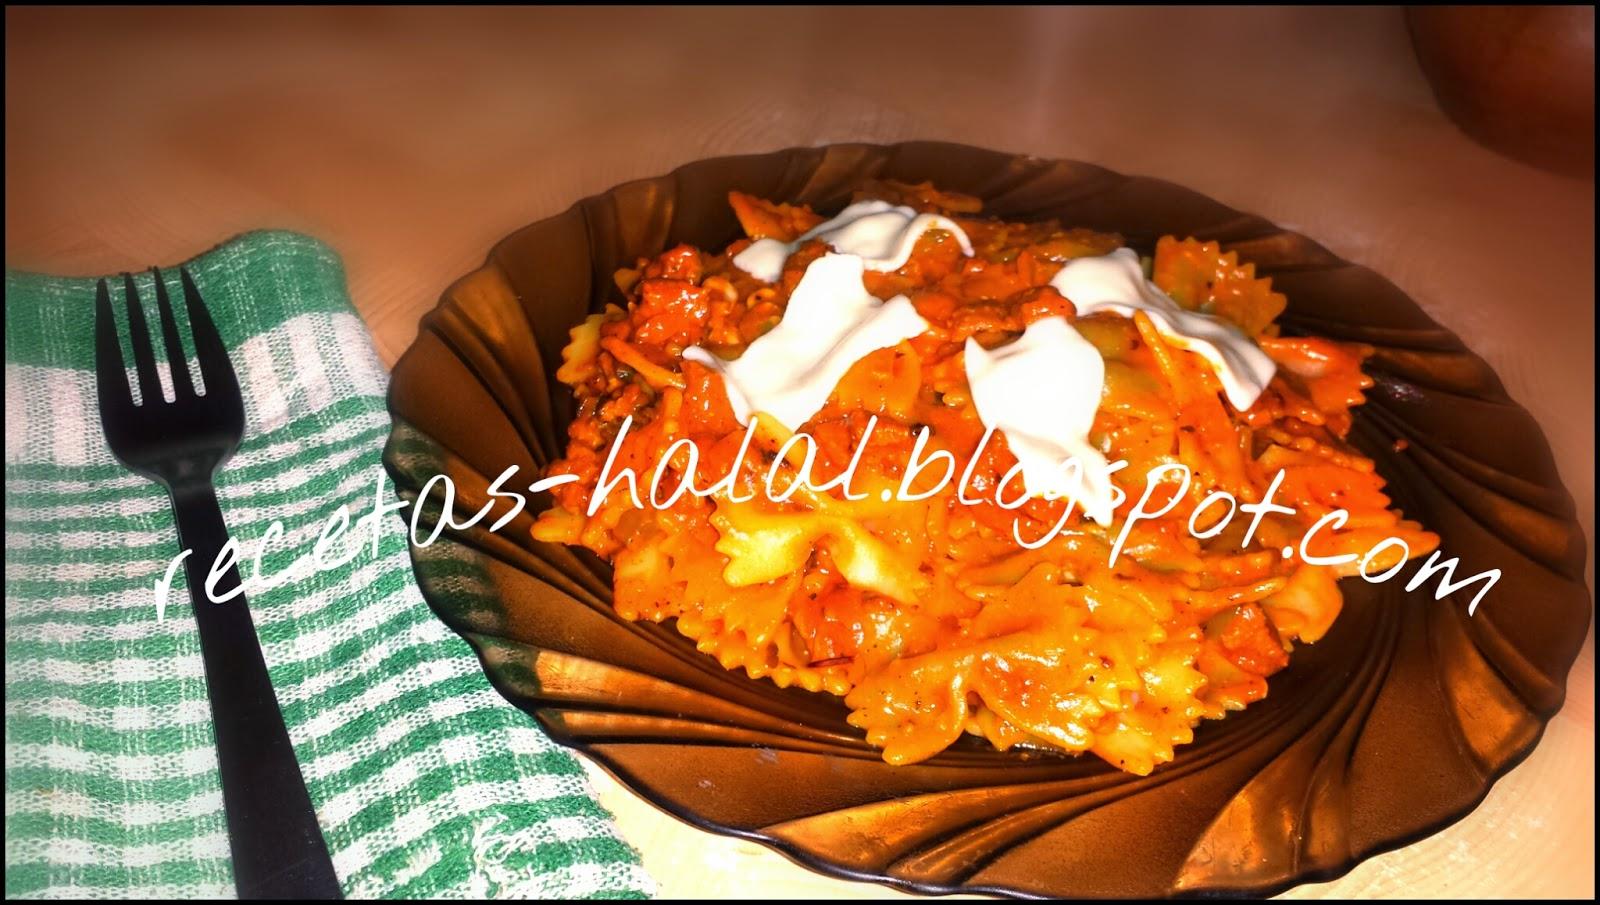 Mi rinconcillo de cocina halal